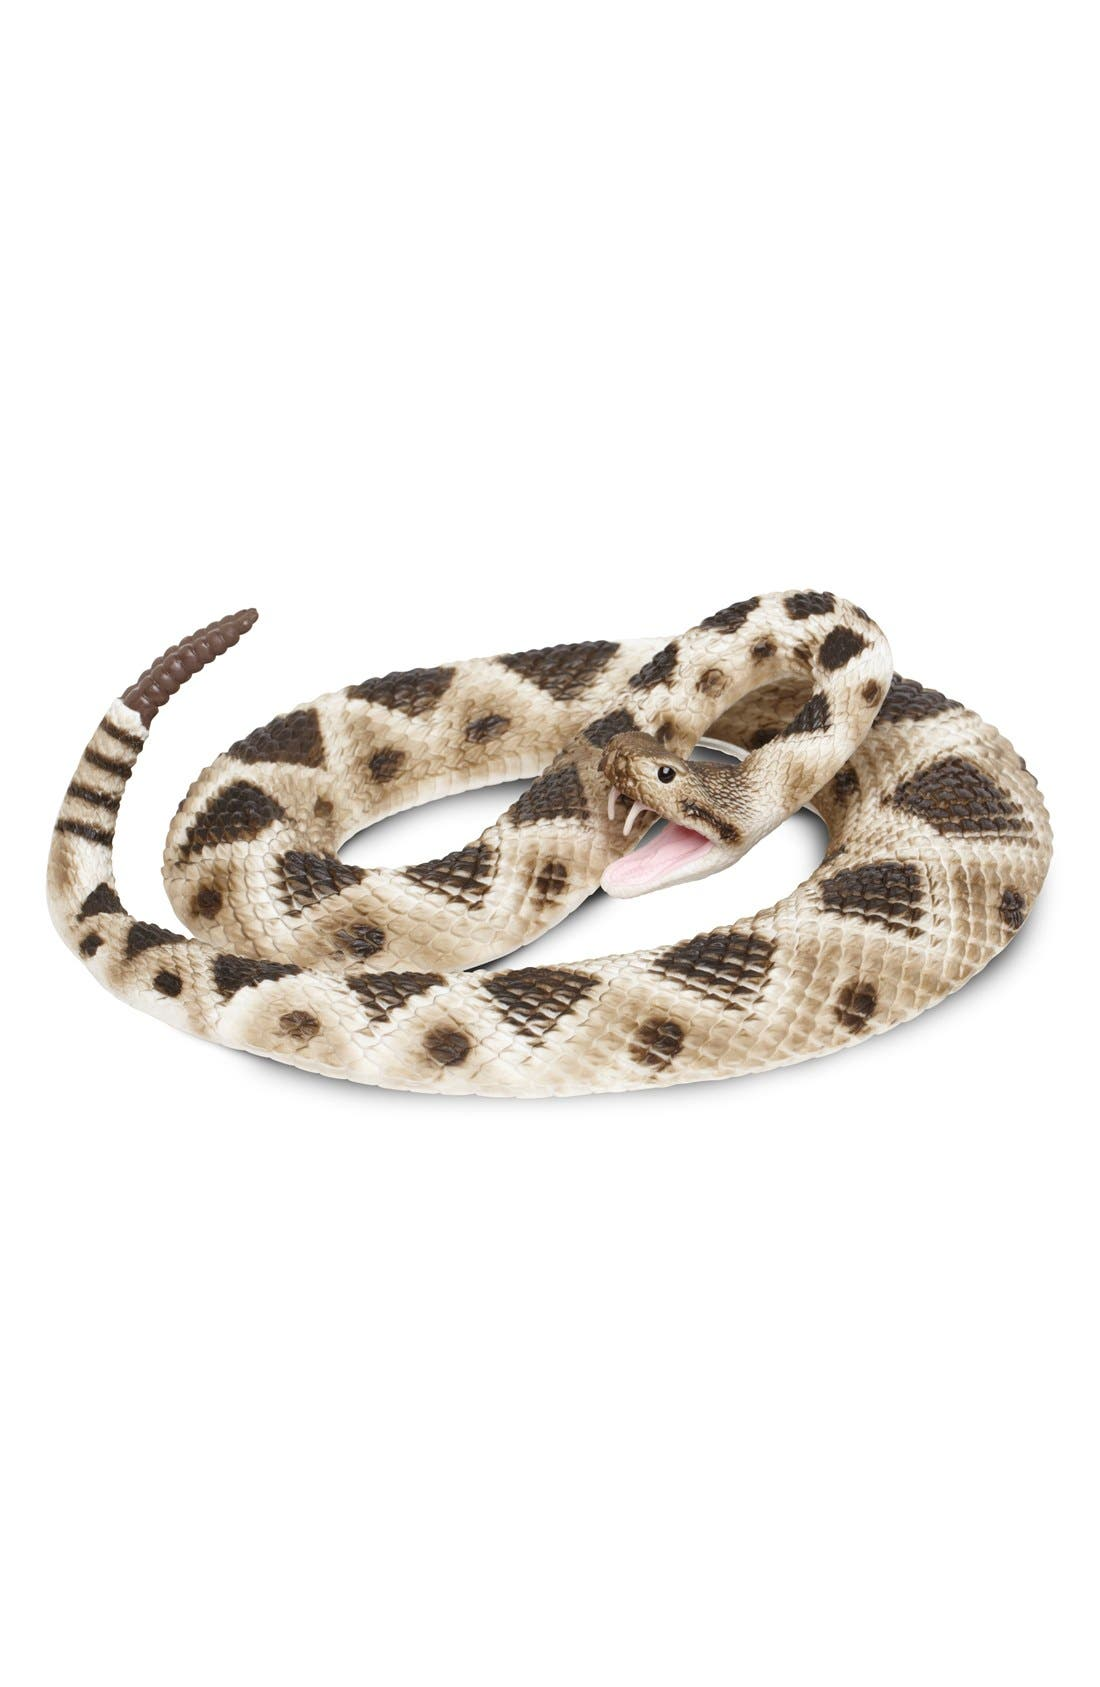 Alternate Image 1 Selected - Safari Ltd. Diamondback Rattlesnake Figurine